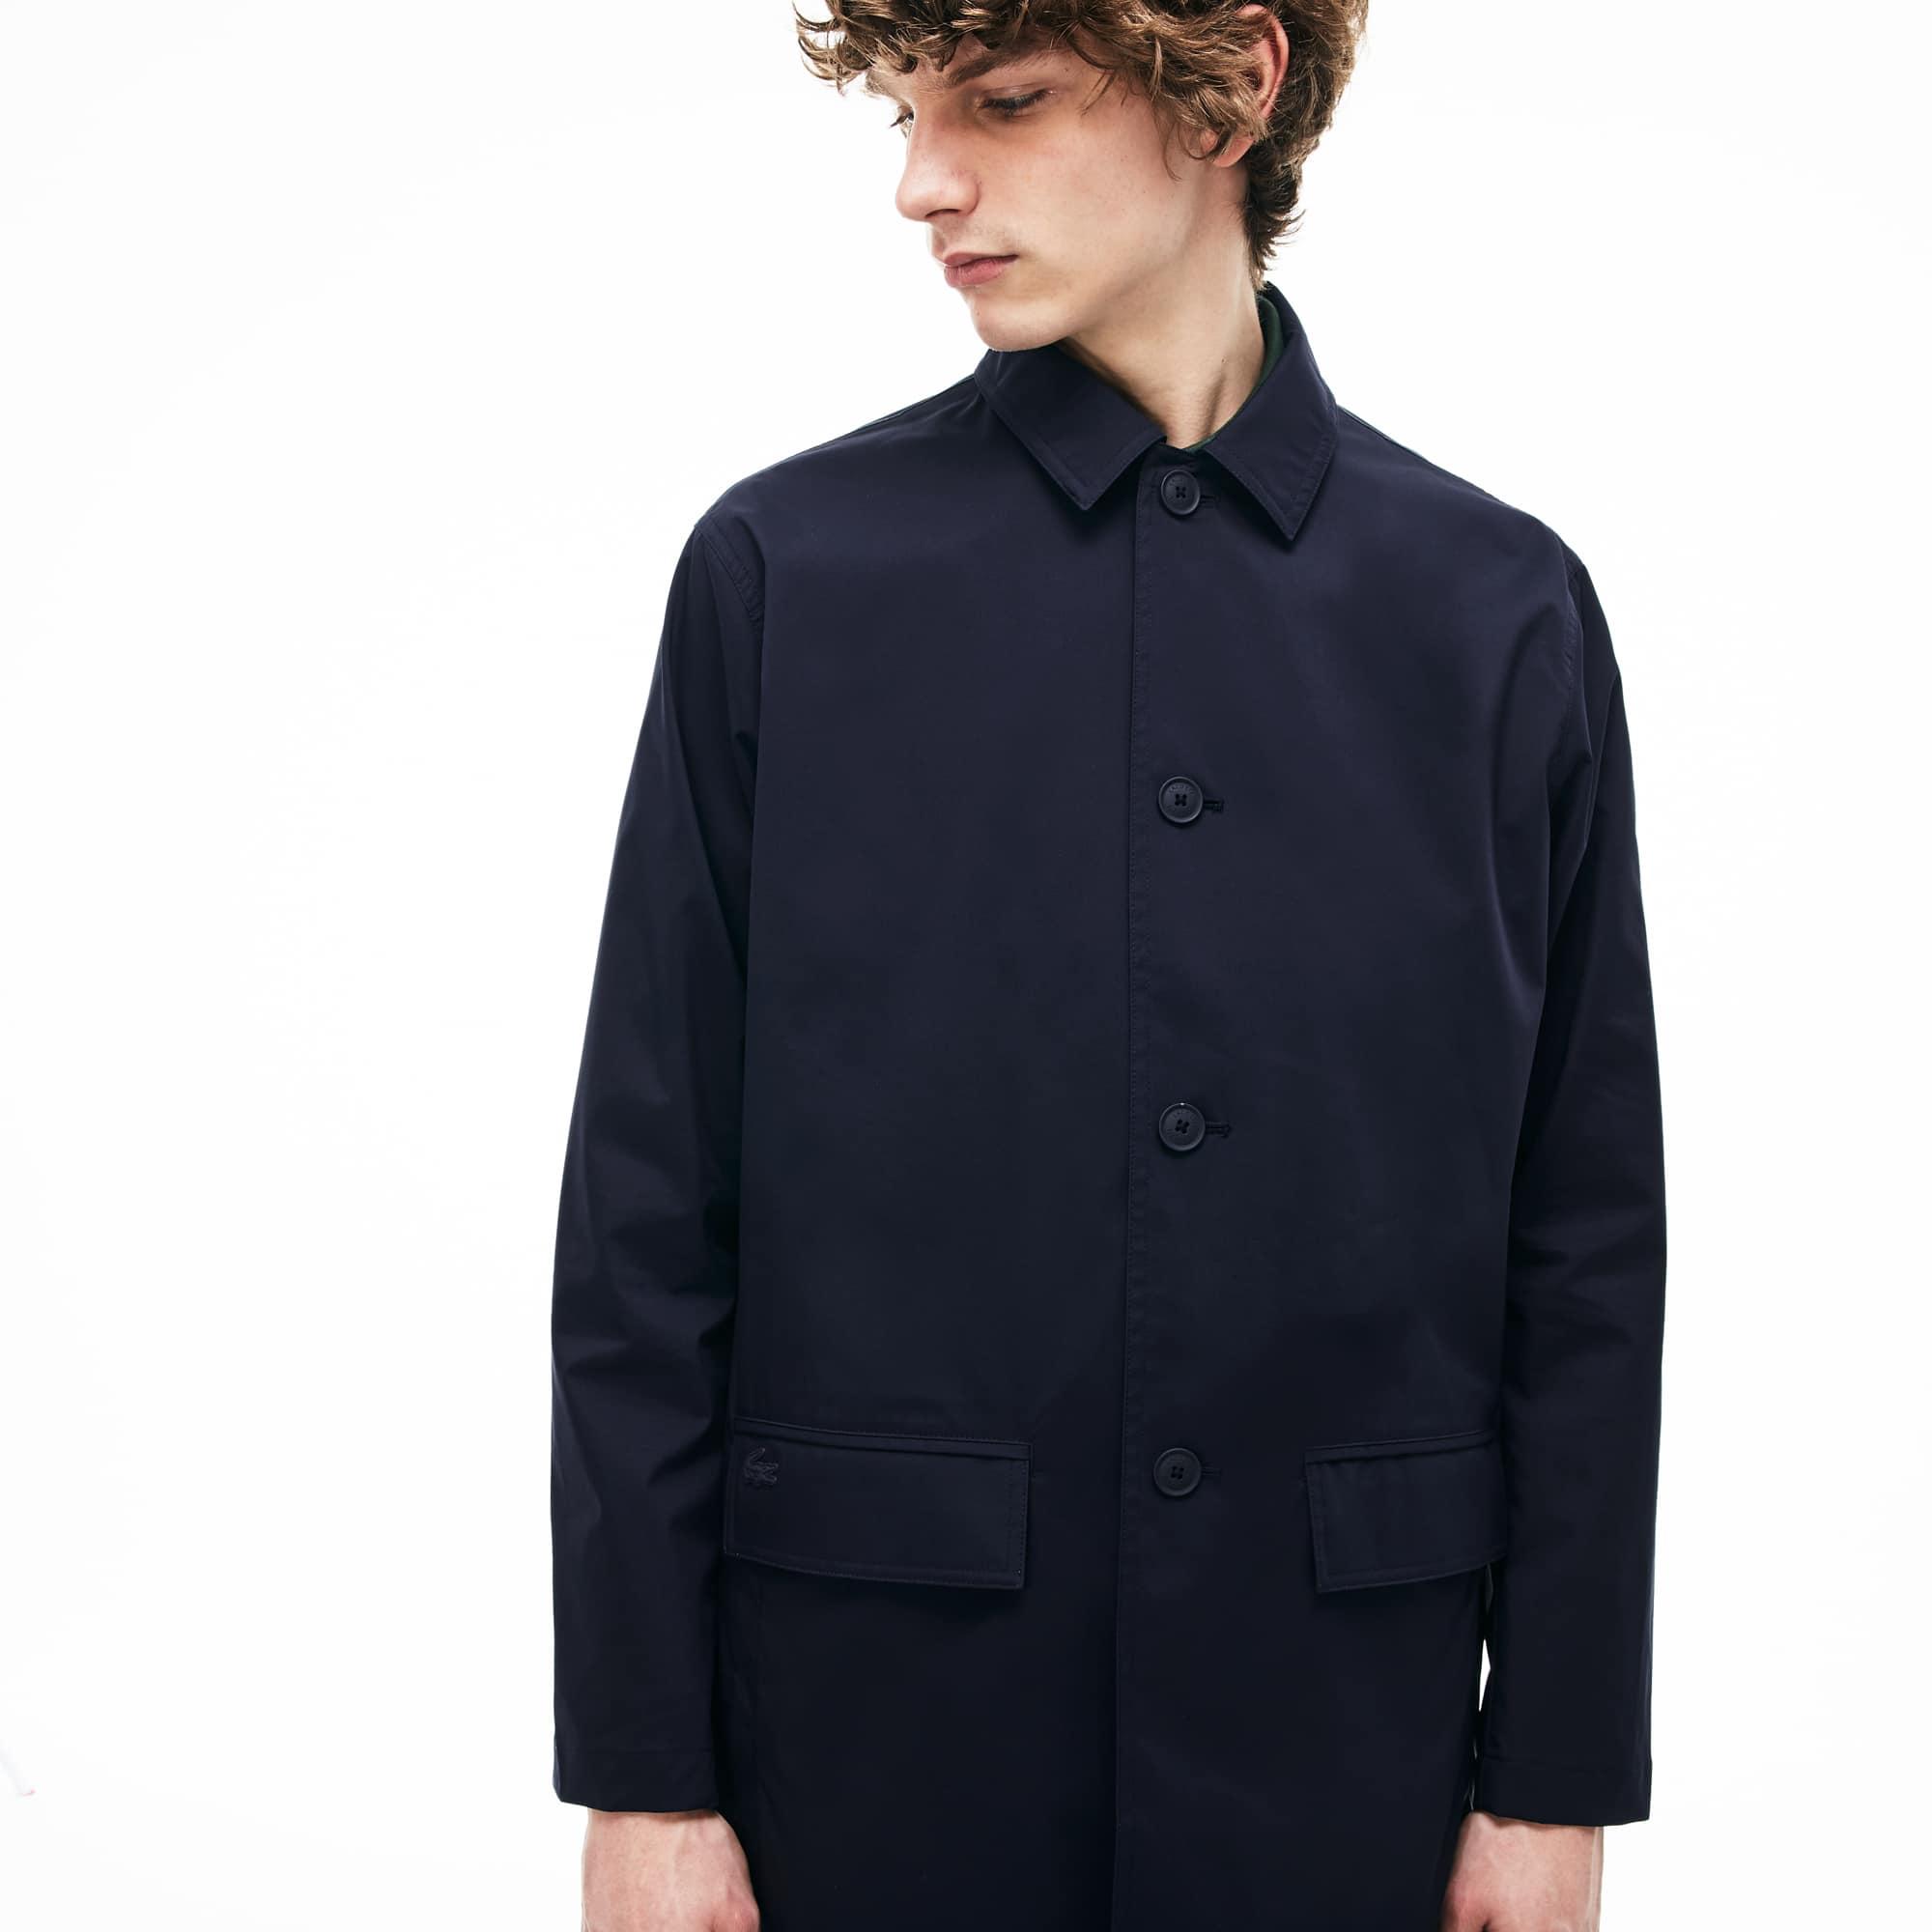 c4362122d0 Vêtements Blousons Homme Lacoste amp; Manteaux UXwzxx